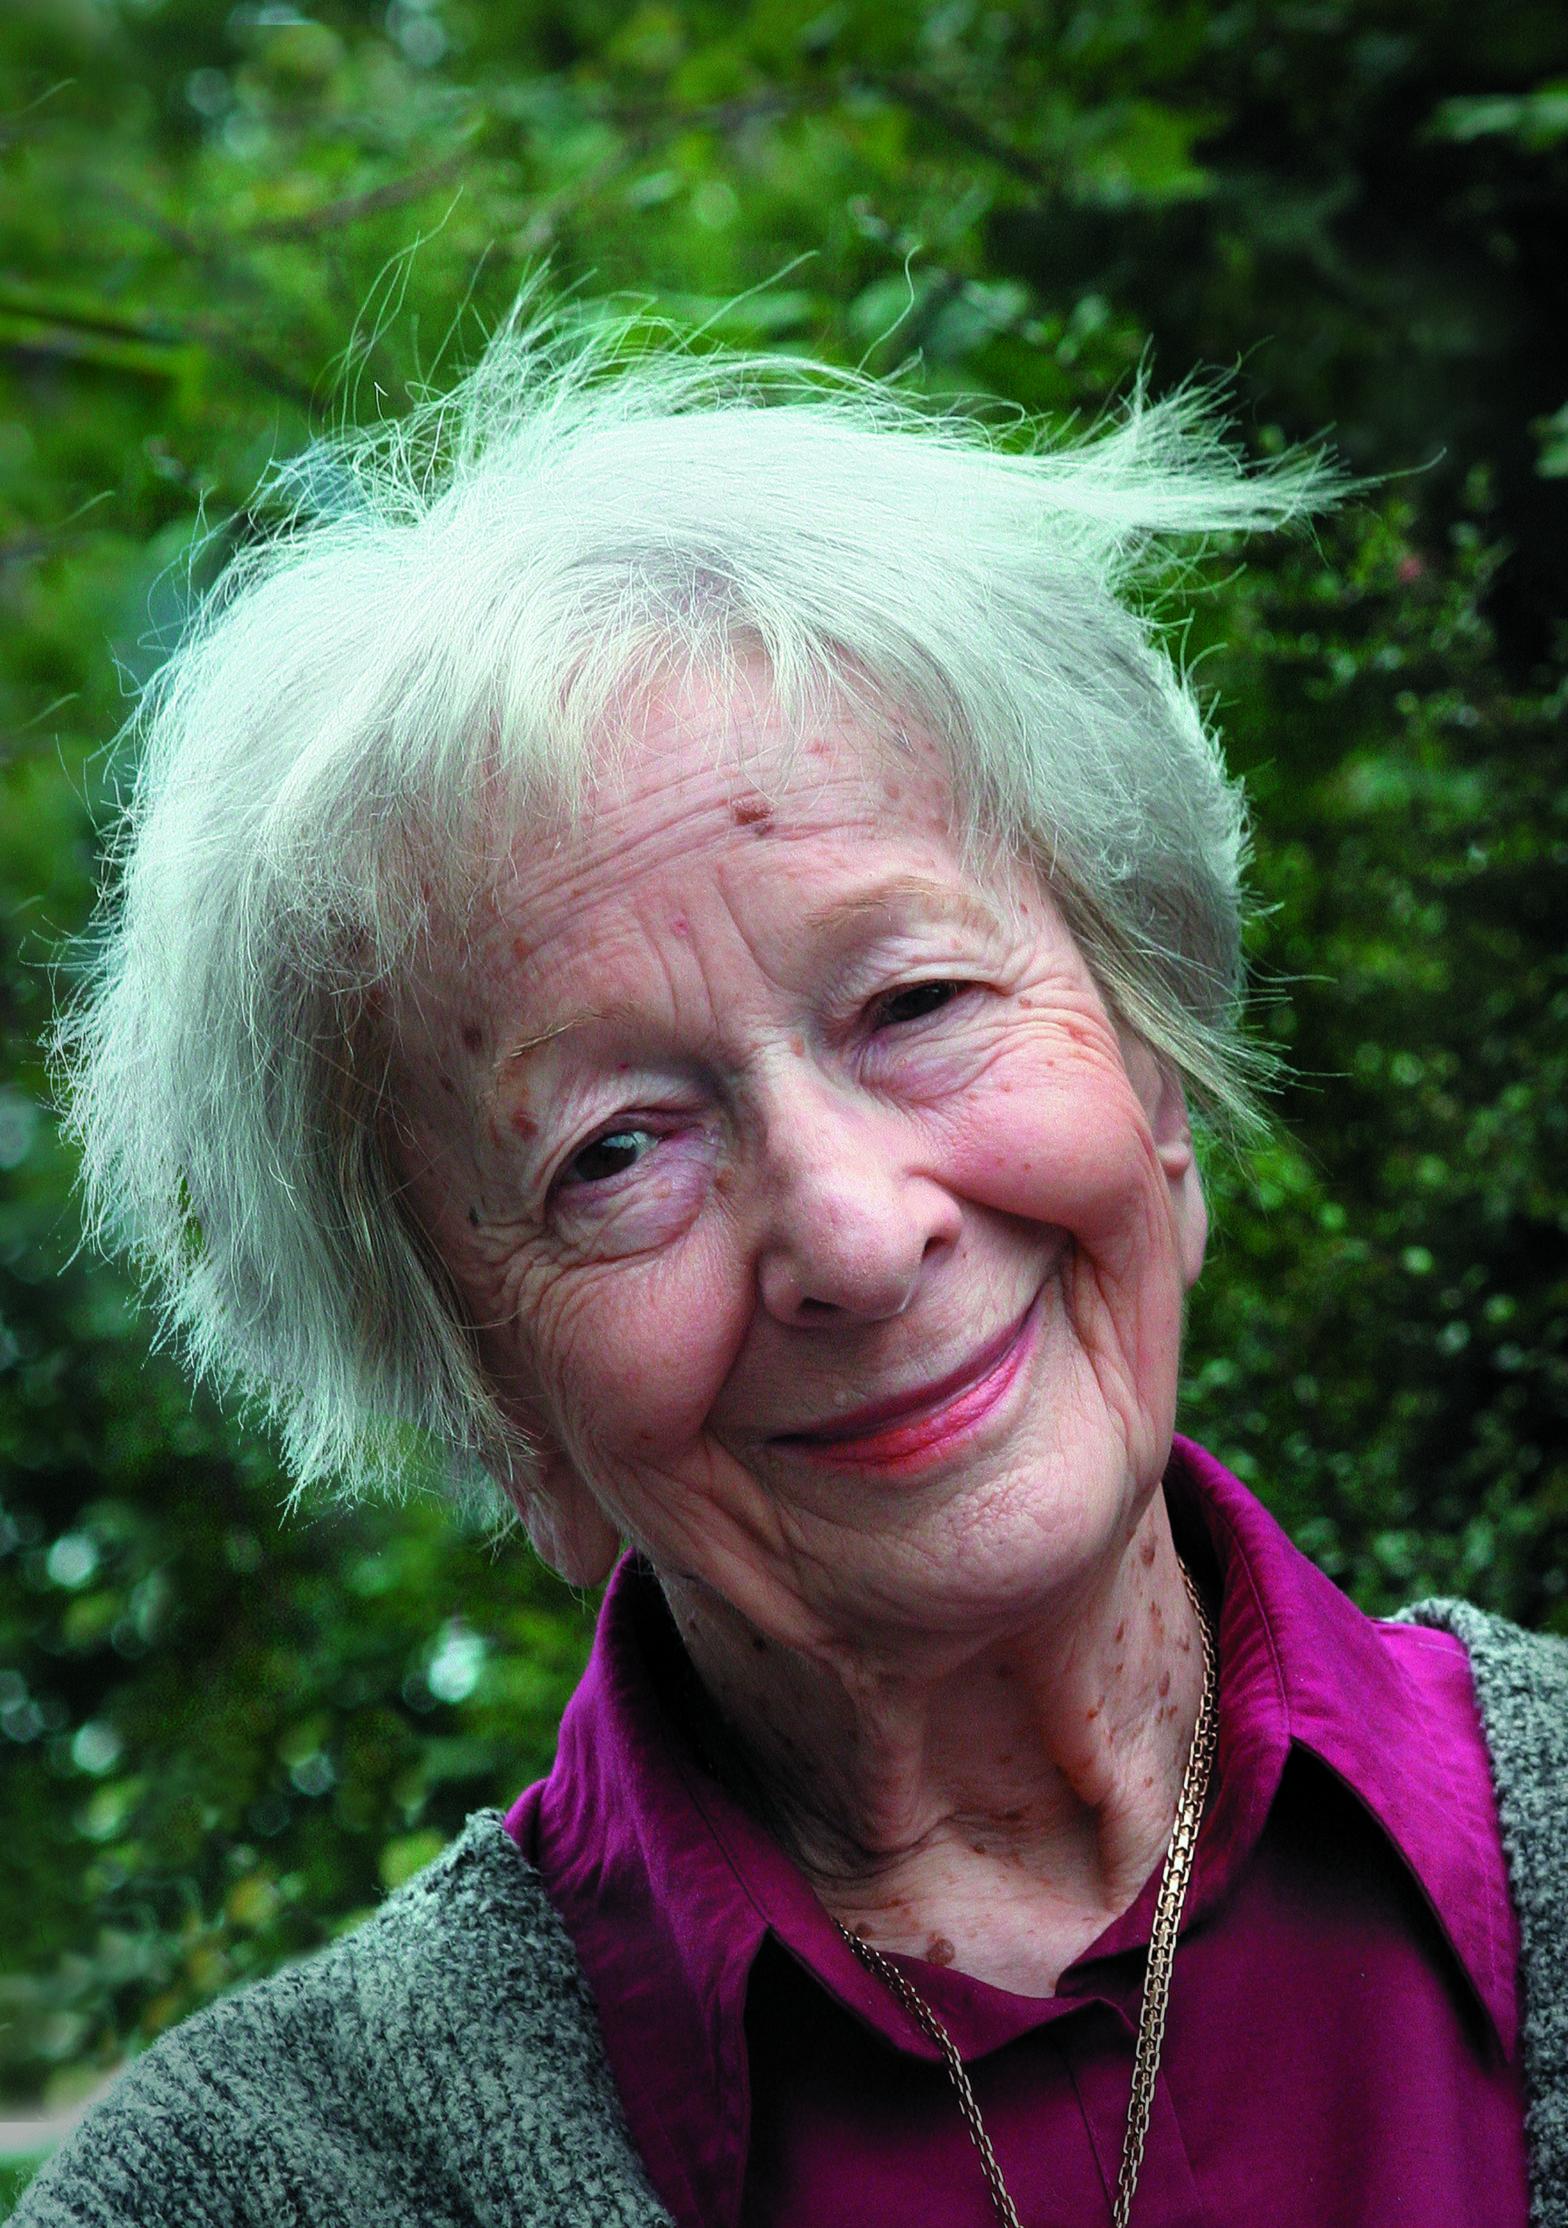 Portret przedstawia uśmiechniętą starszą kobietę, która stoi na zielonej roślinności.